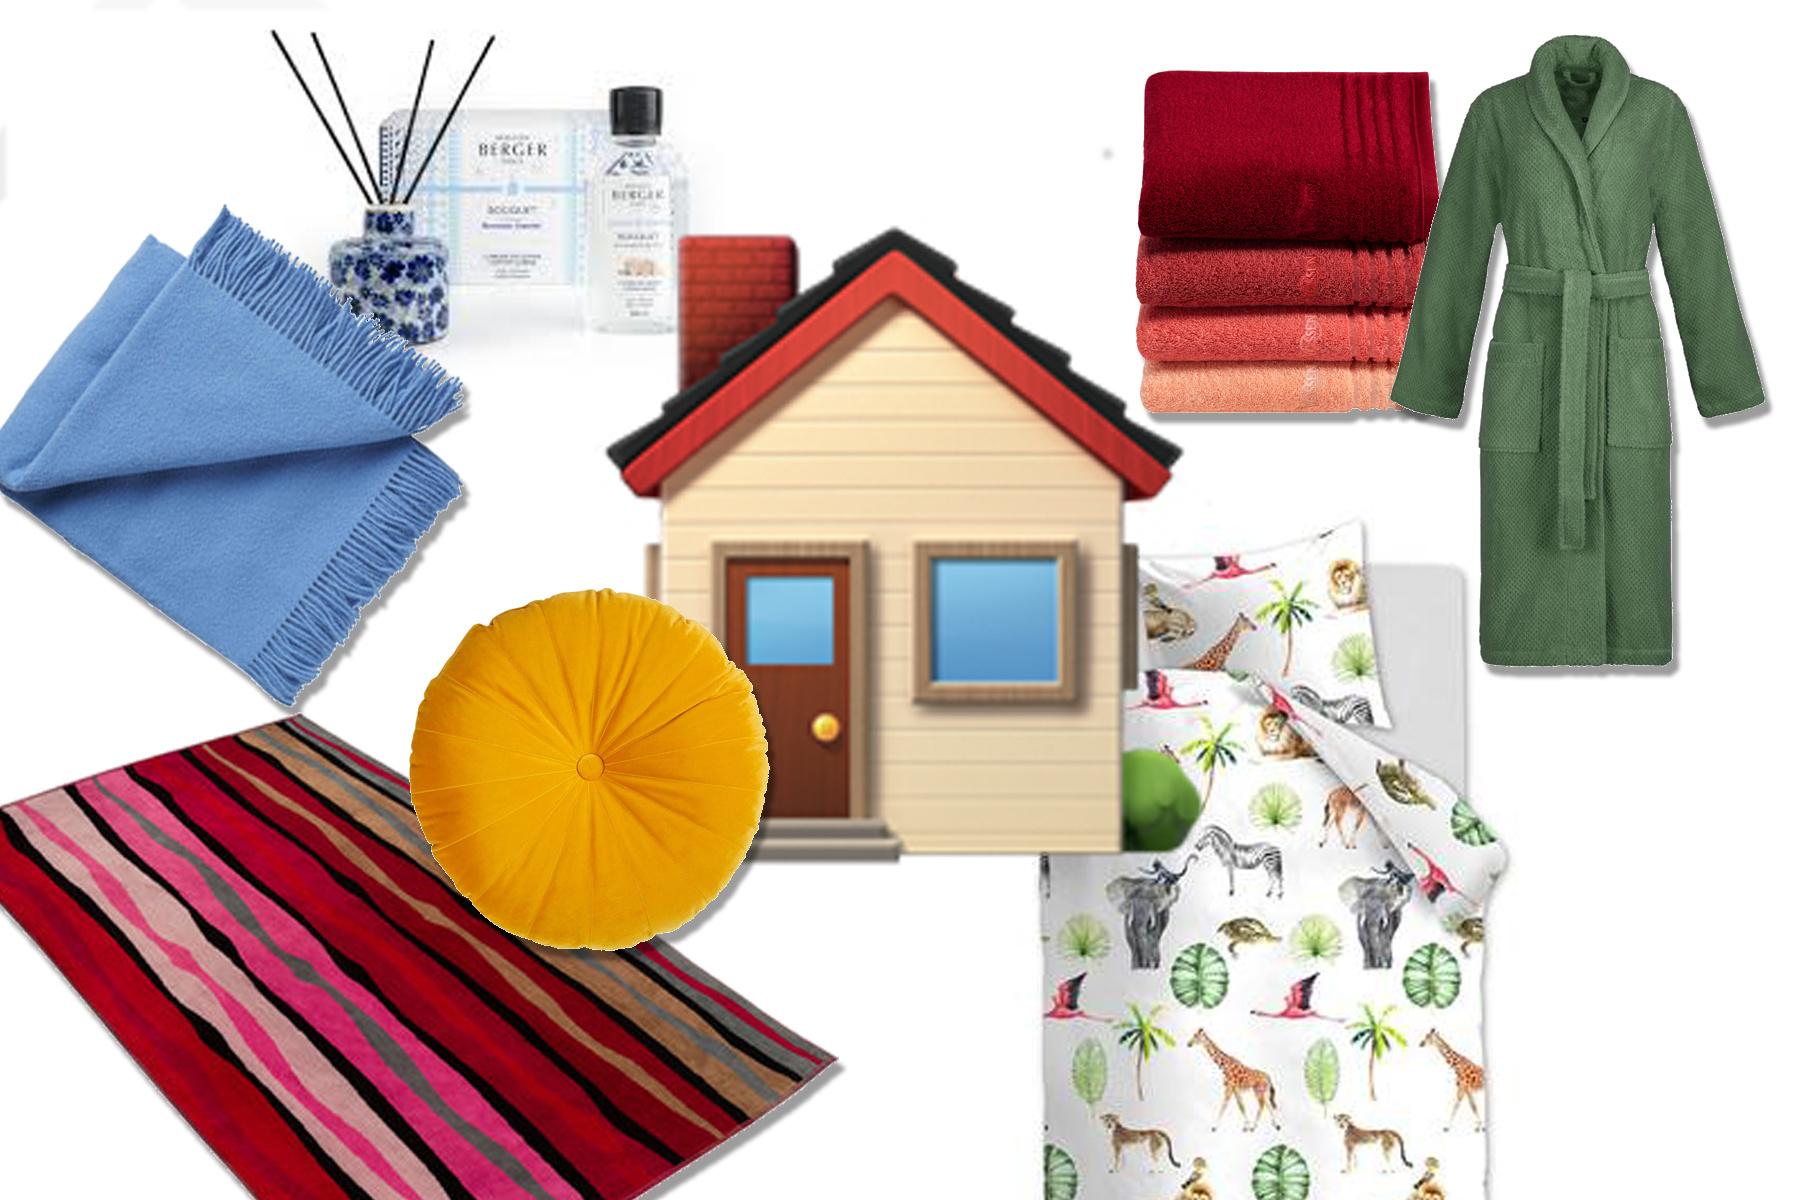 Thuisblijvertjes | alle producten die thuis zijn leuker maken